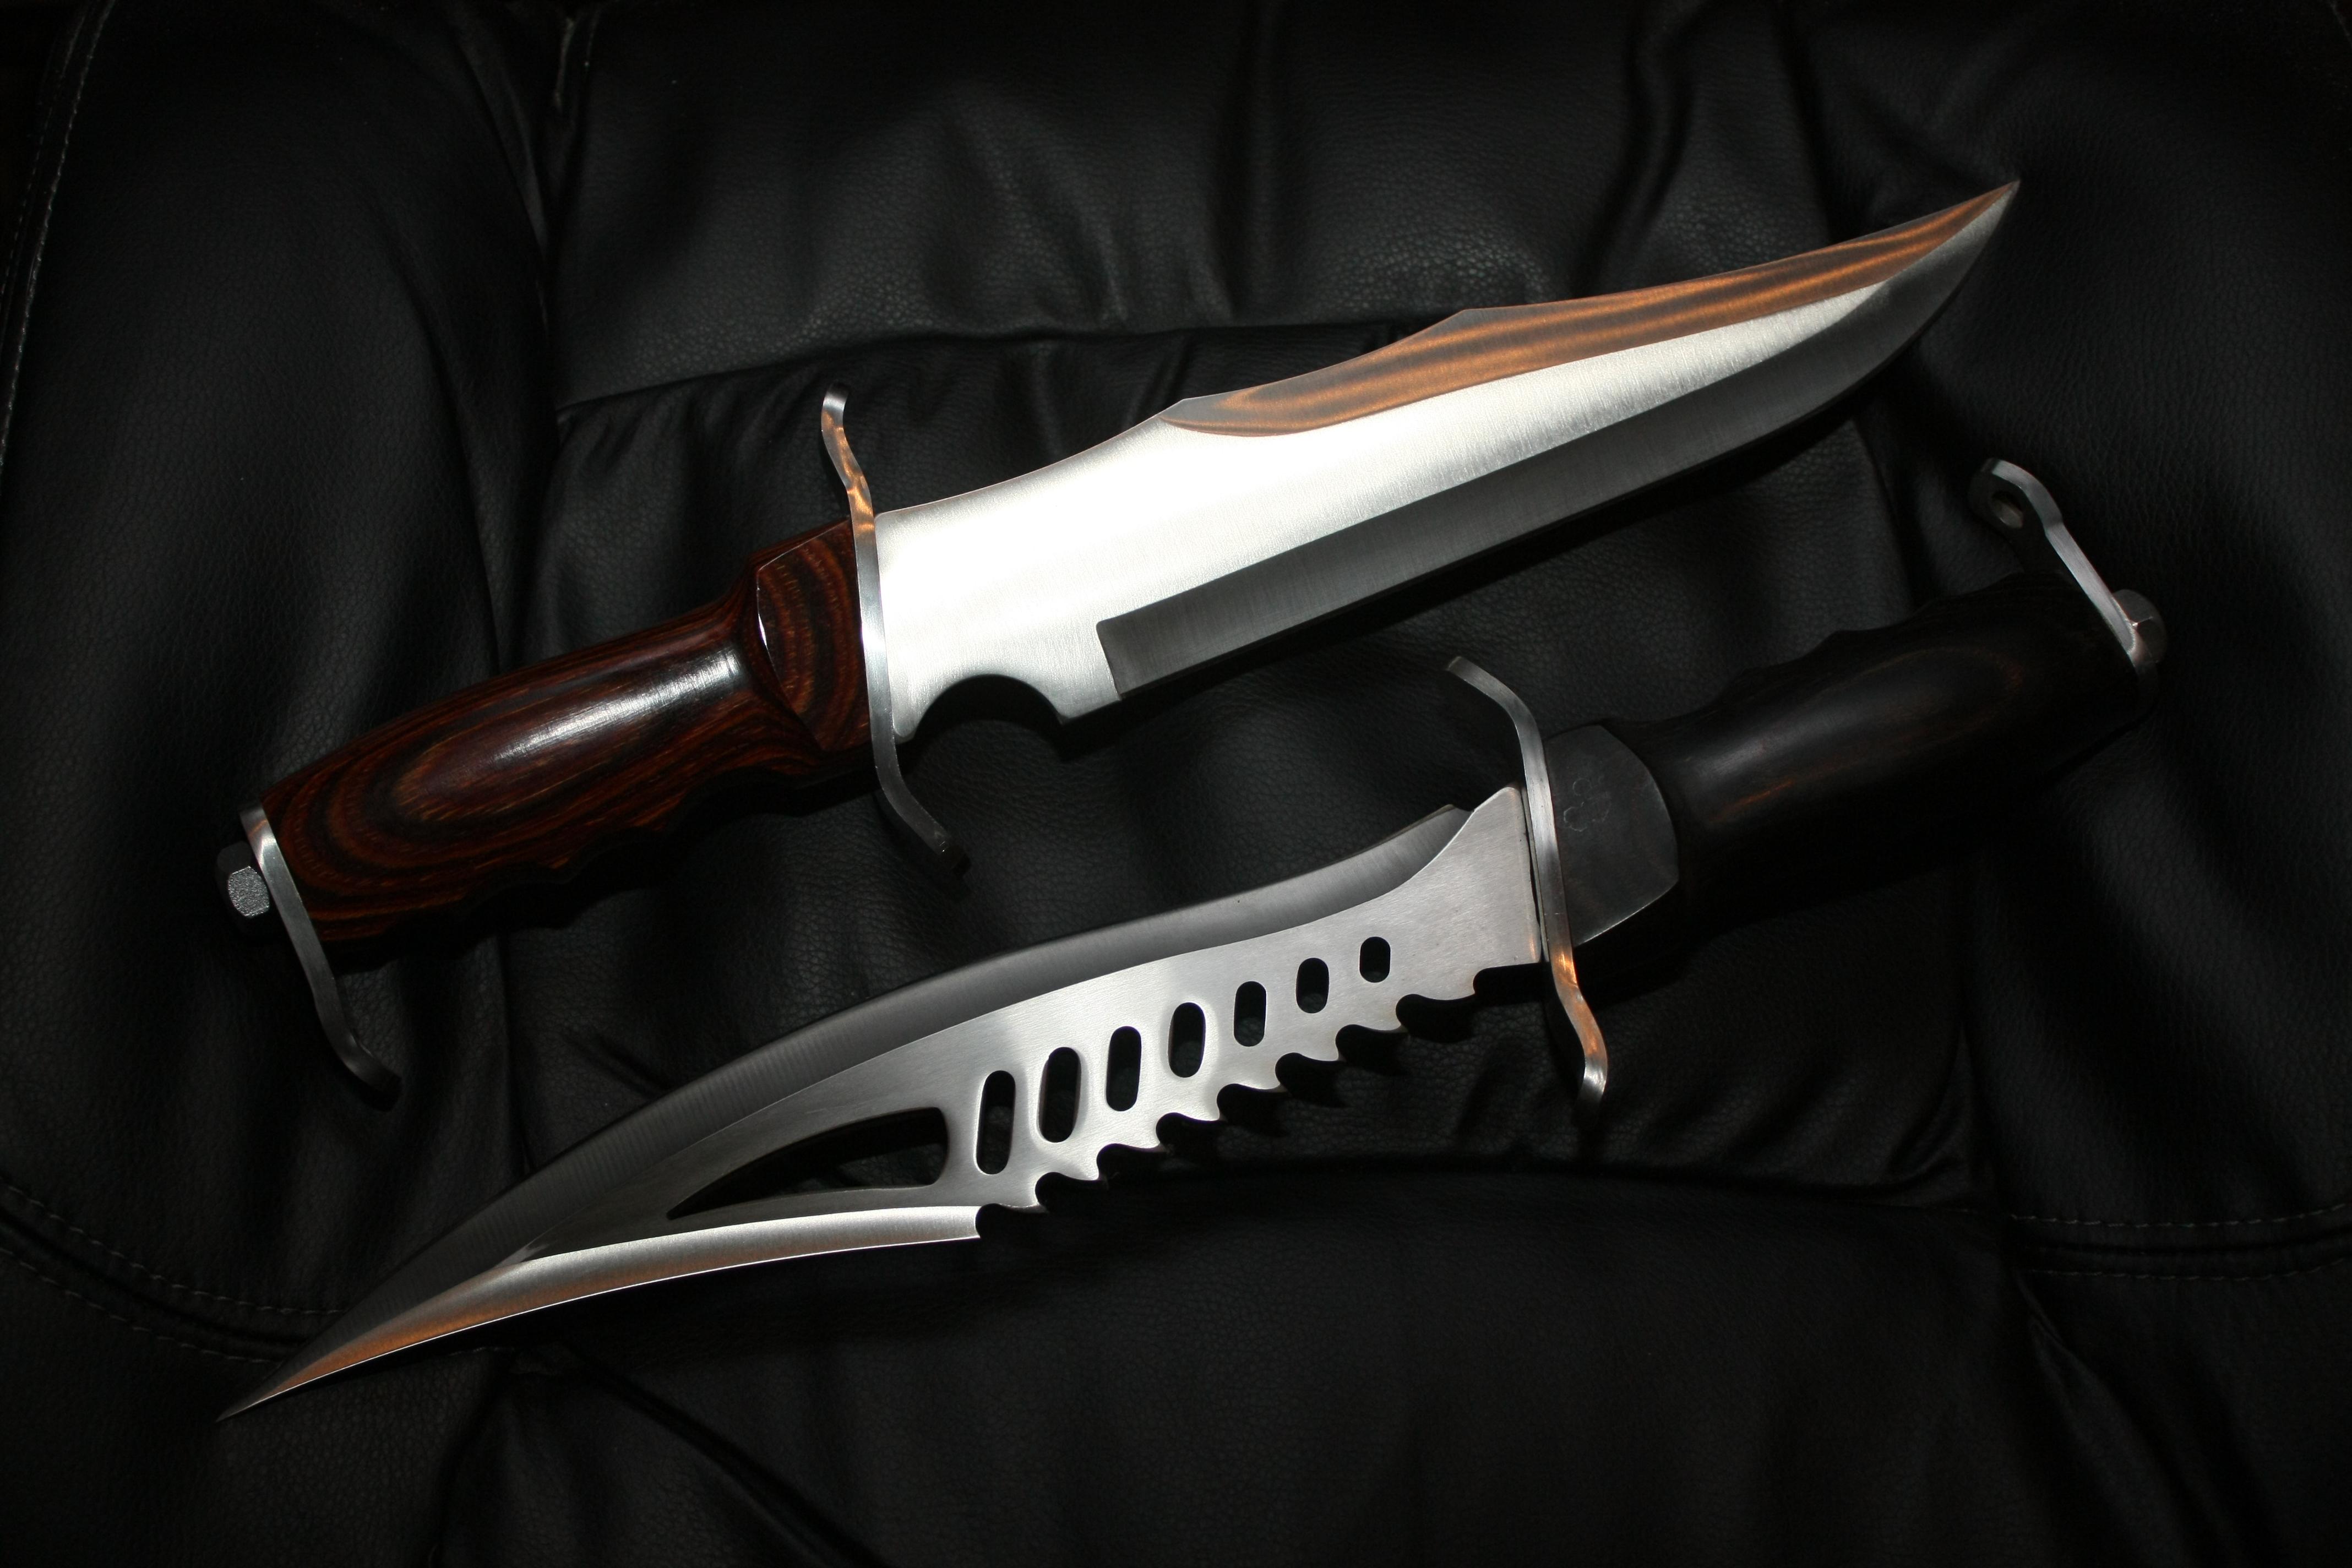 Самые опасные ножи мира, Самые необычные ножи в мире! (12 фото 1 видео) 11 фотография